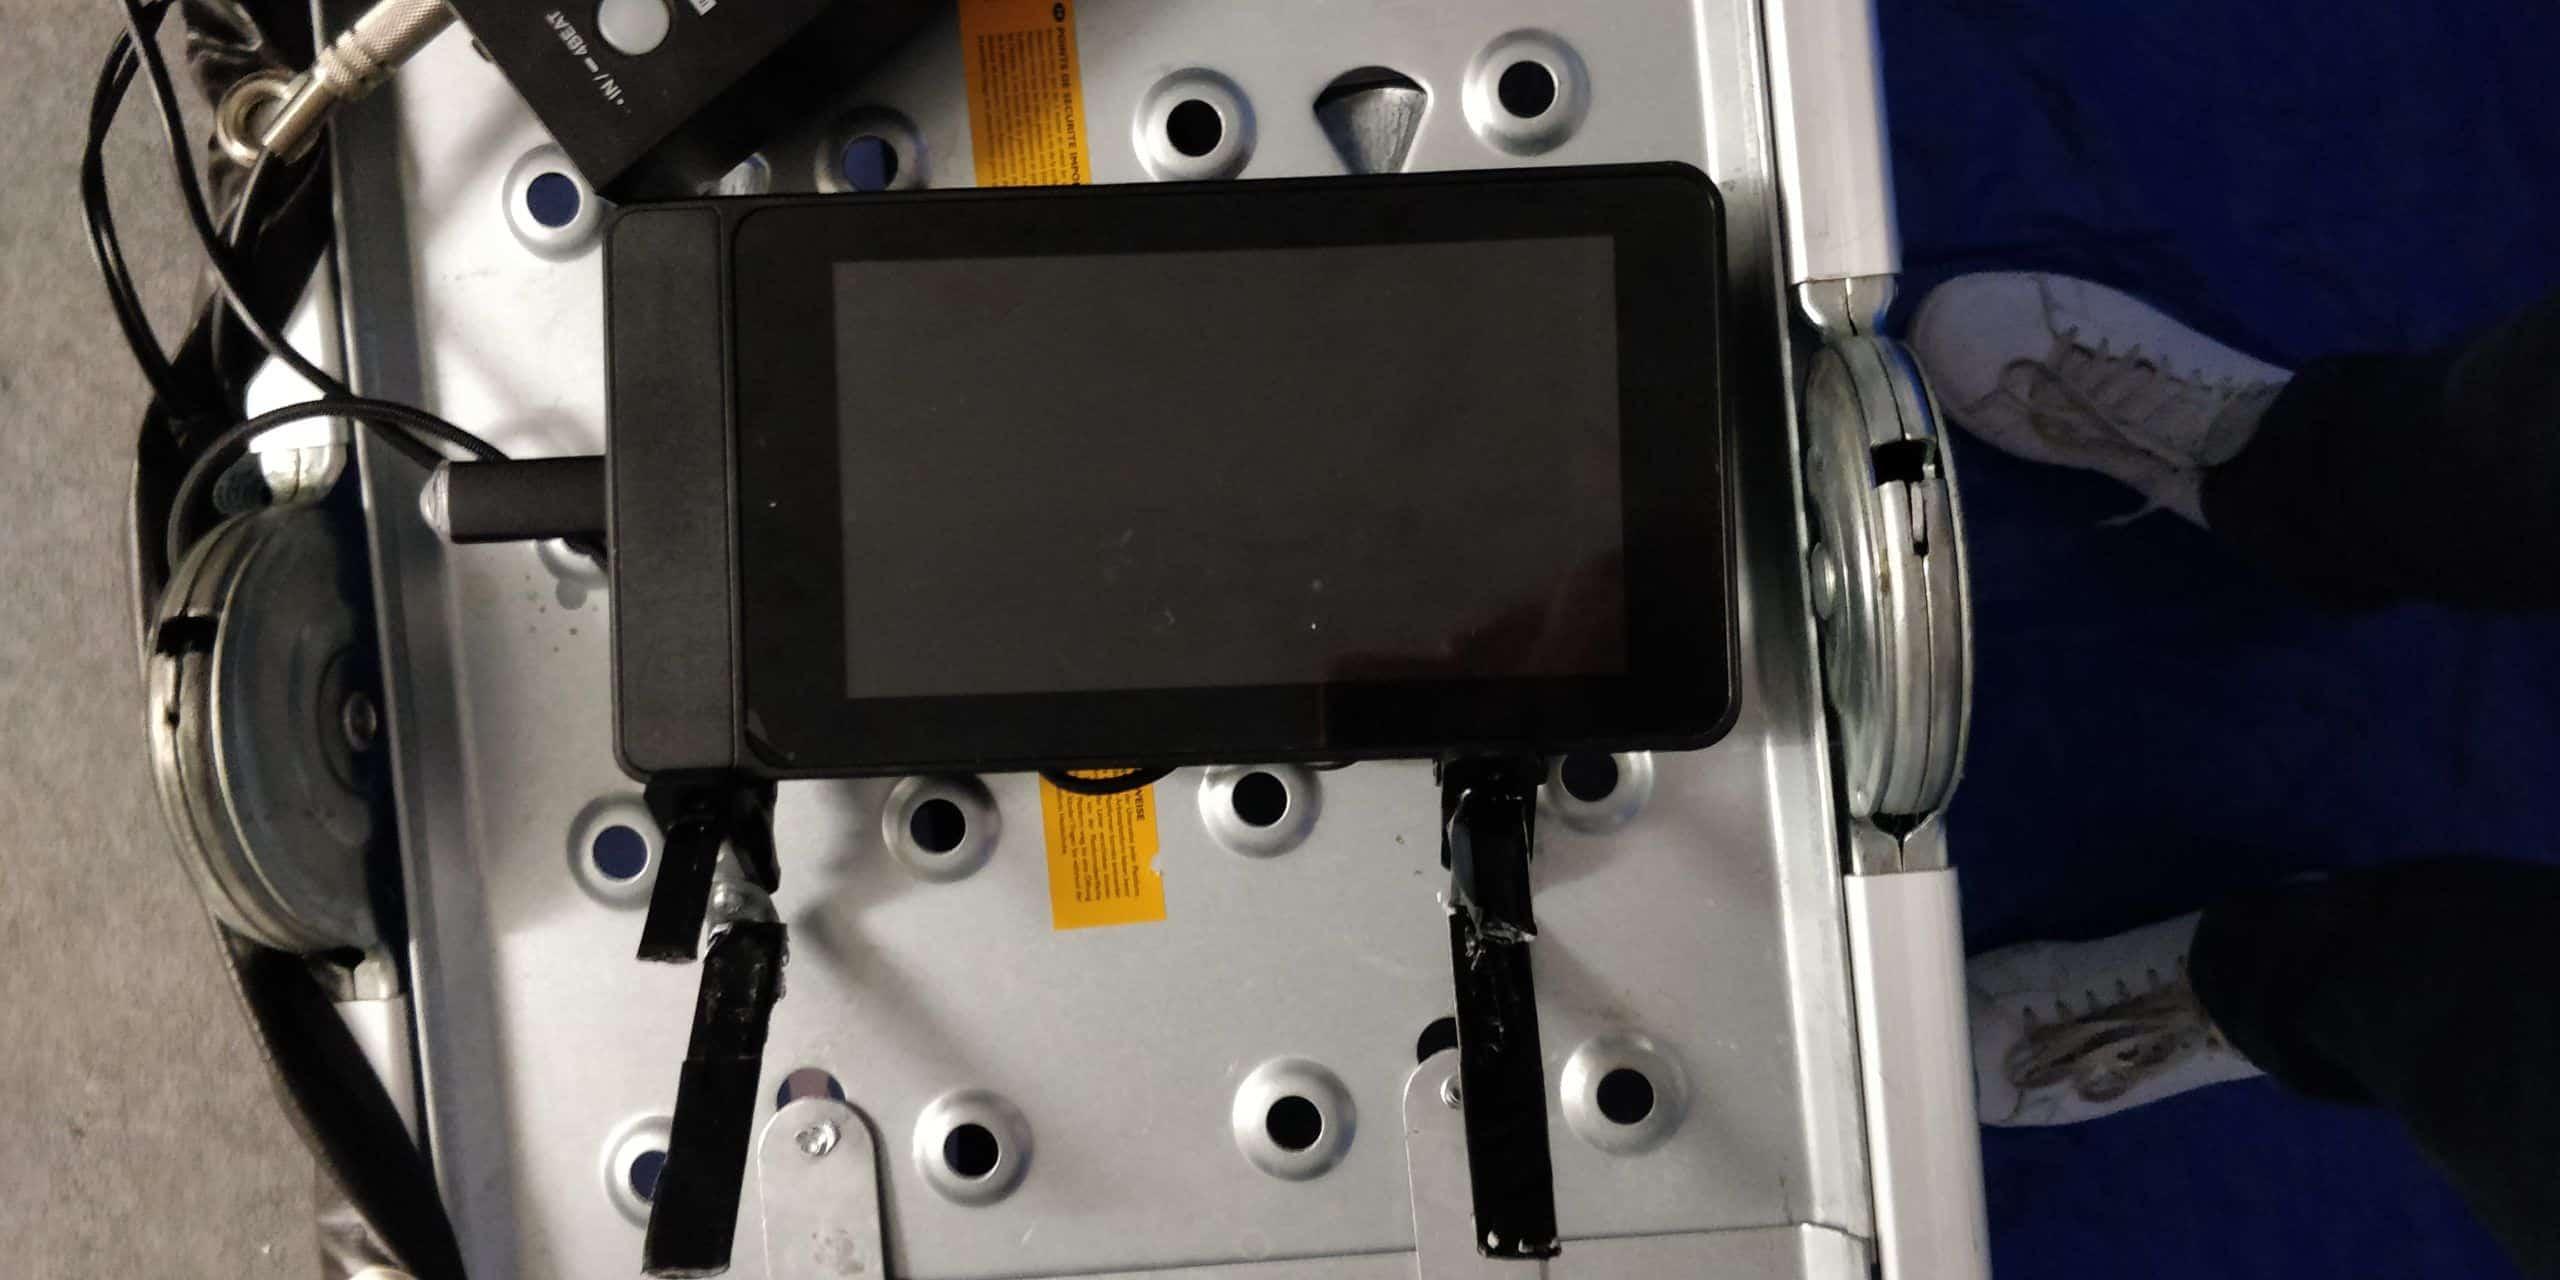 Construyendo un DDJ-400 independiente con Raspberry Pi y Mixxx 4